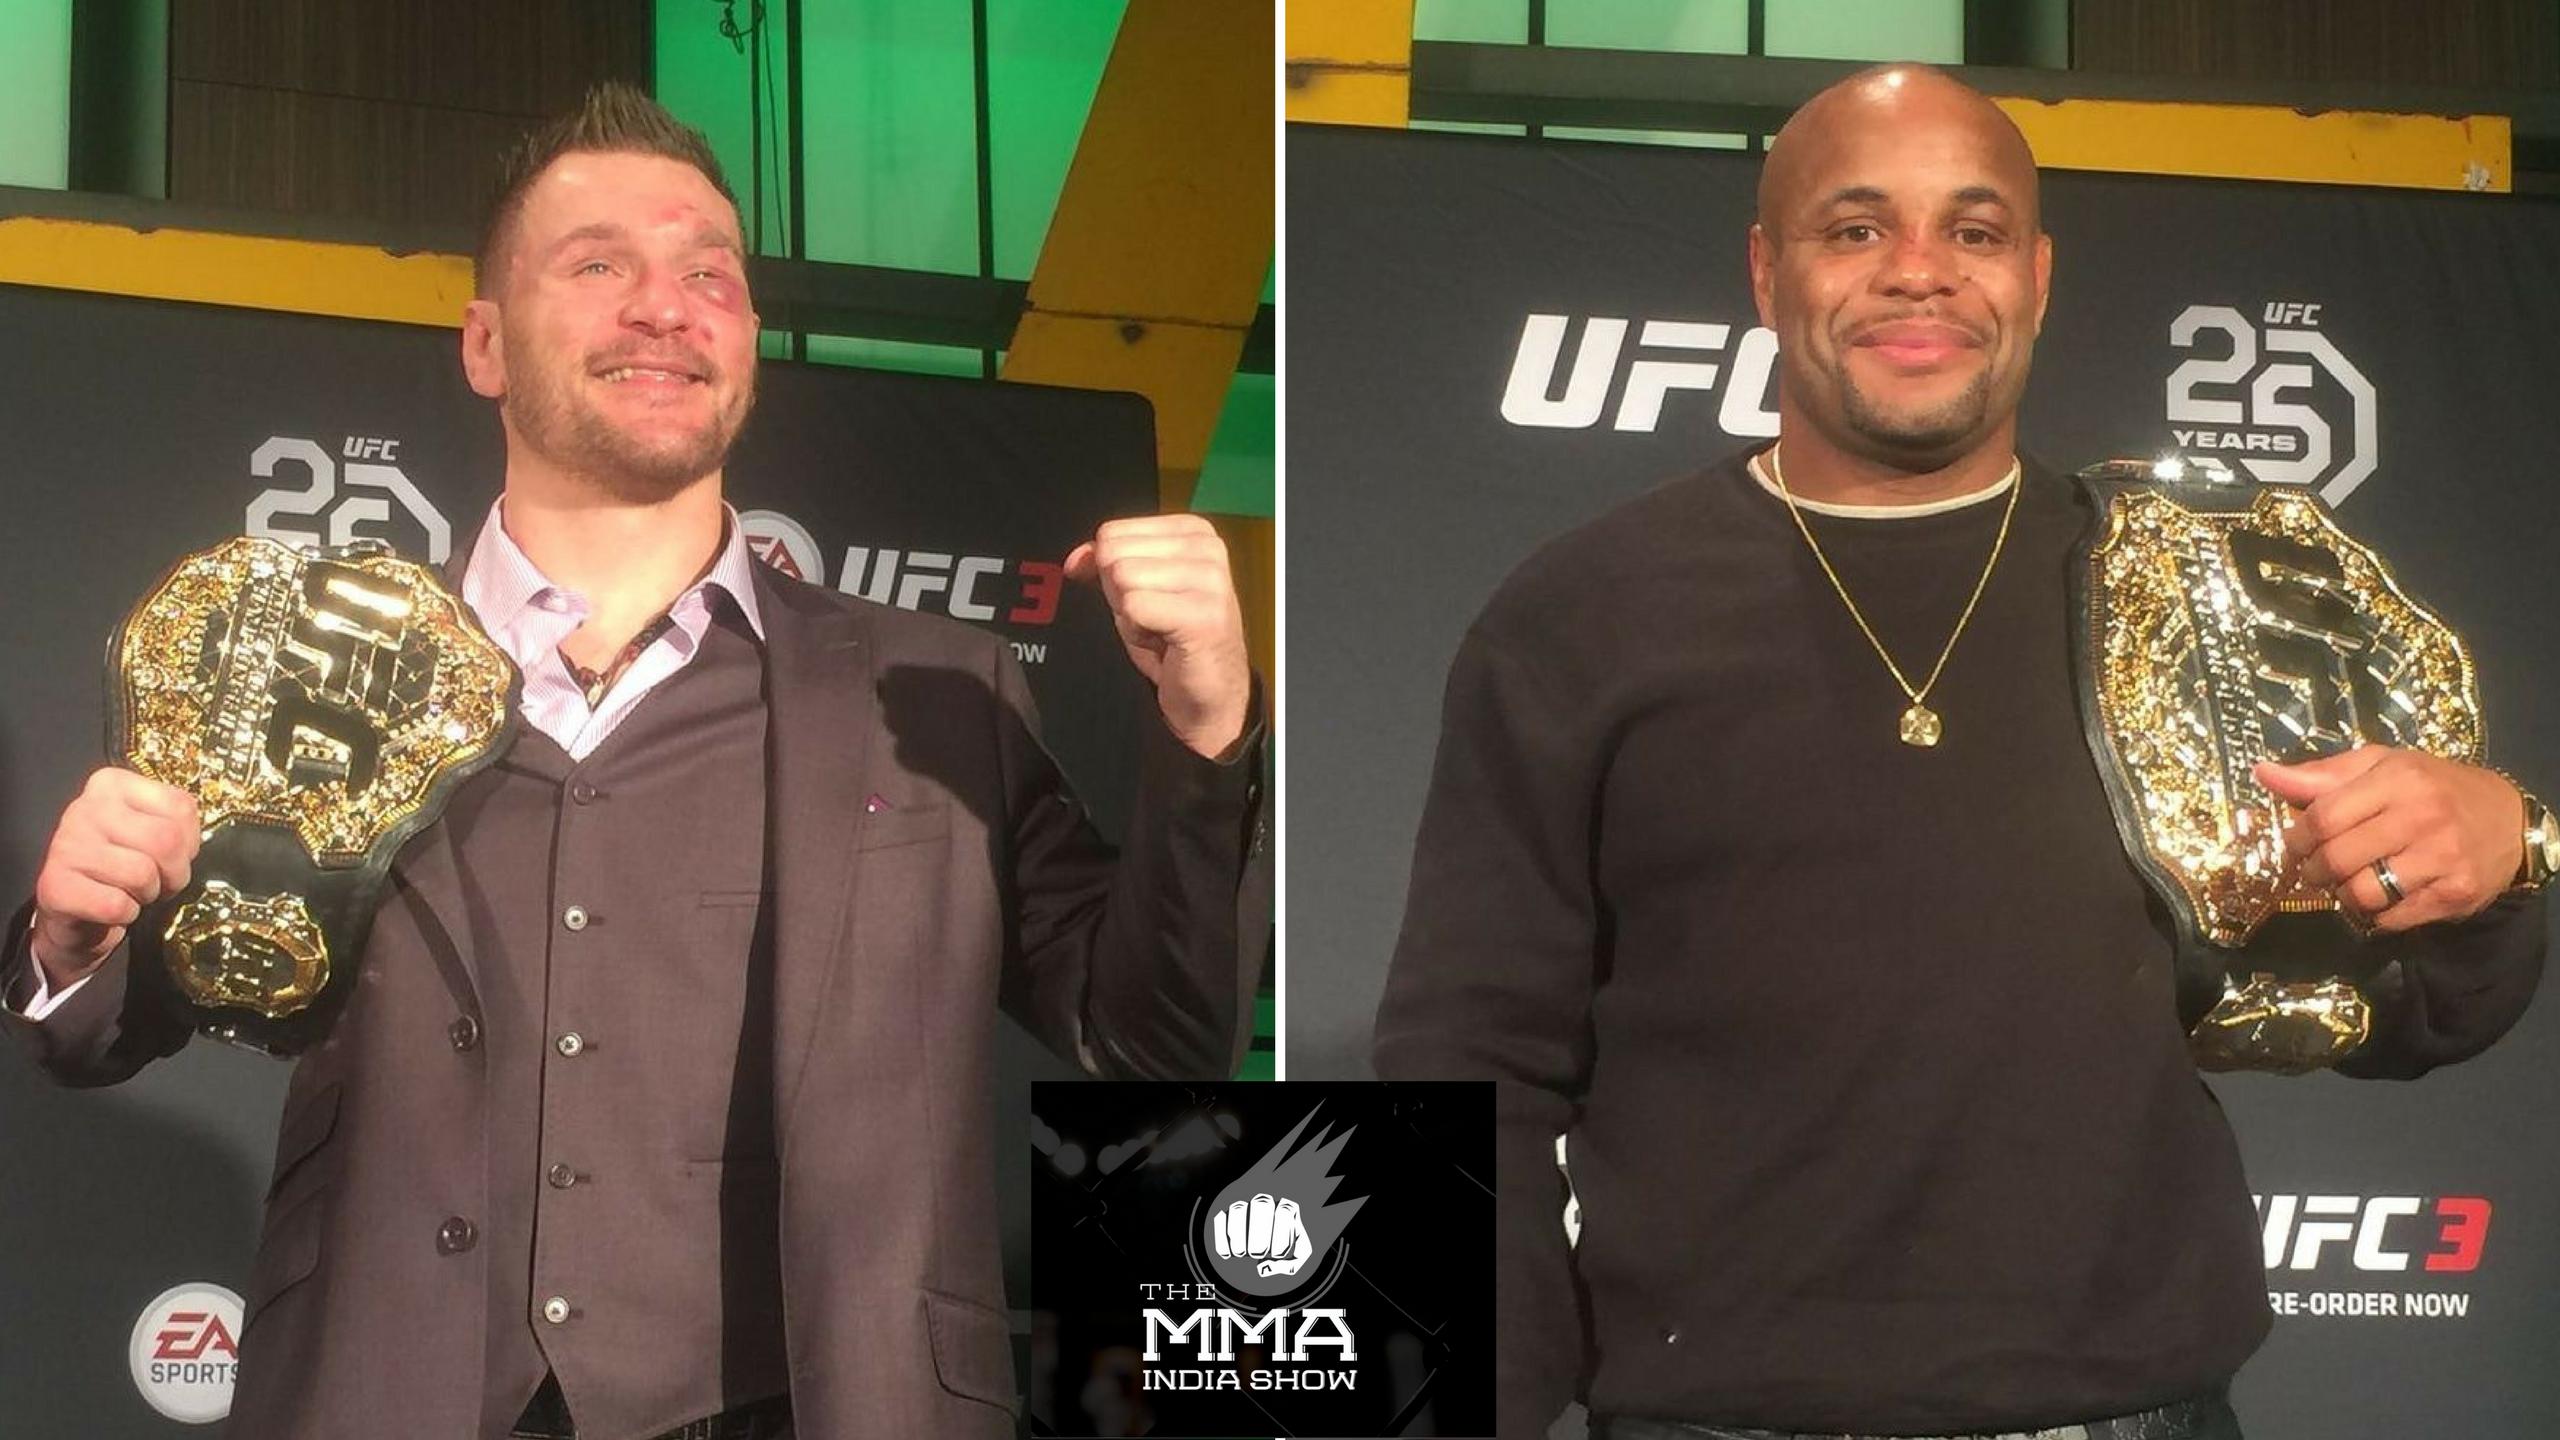 UFC confirms Miocic vs Cormier at UFC 226 July 7th - ufc